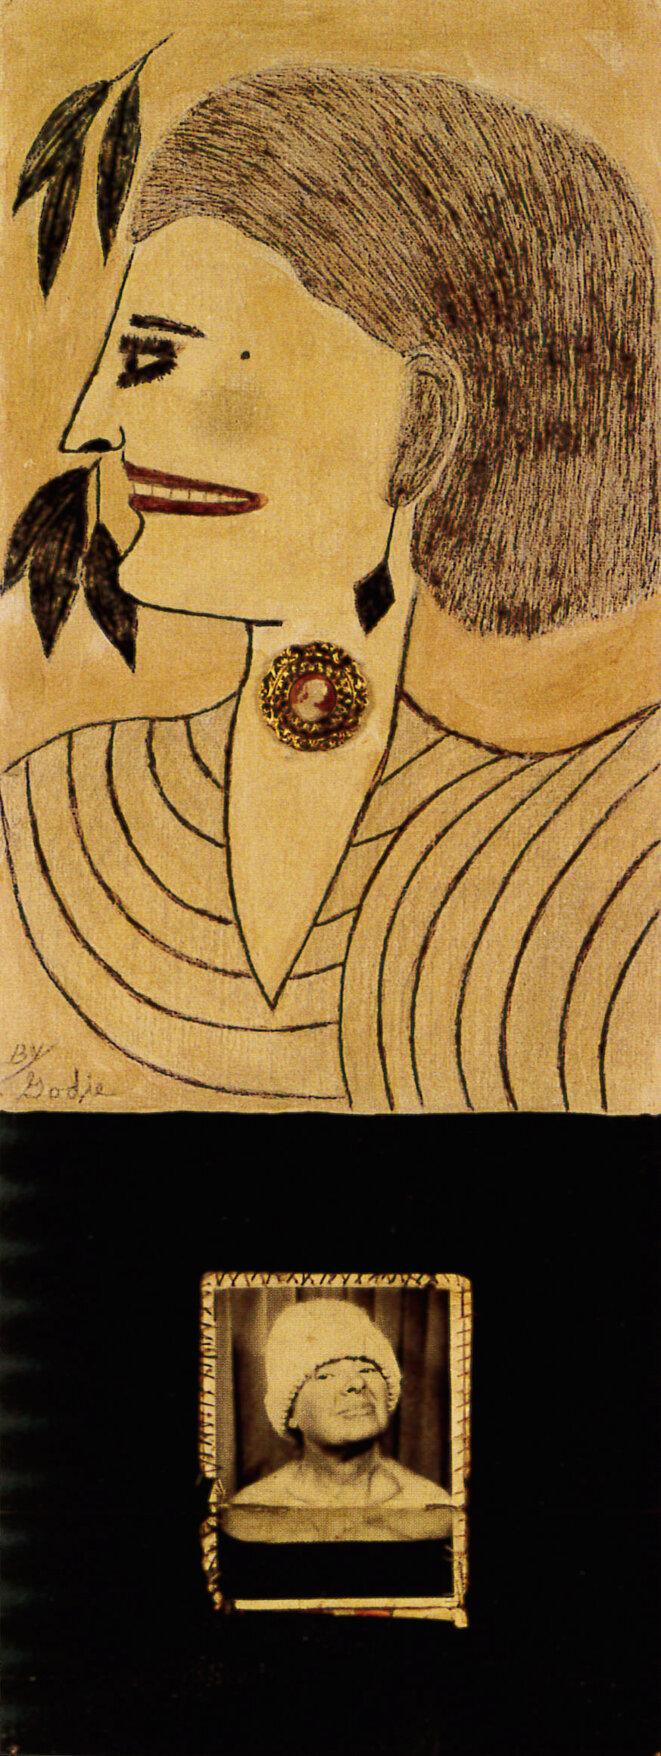 Lee Godie, Smiles, c. 1970-1975 Mixed media et tirage argentique sur toile, 66 x 27.5 cm © Collection Eugenie et Lael Johnson